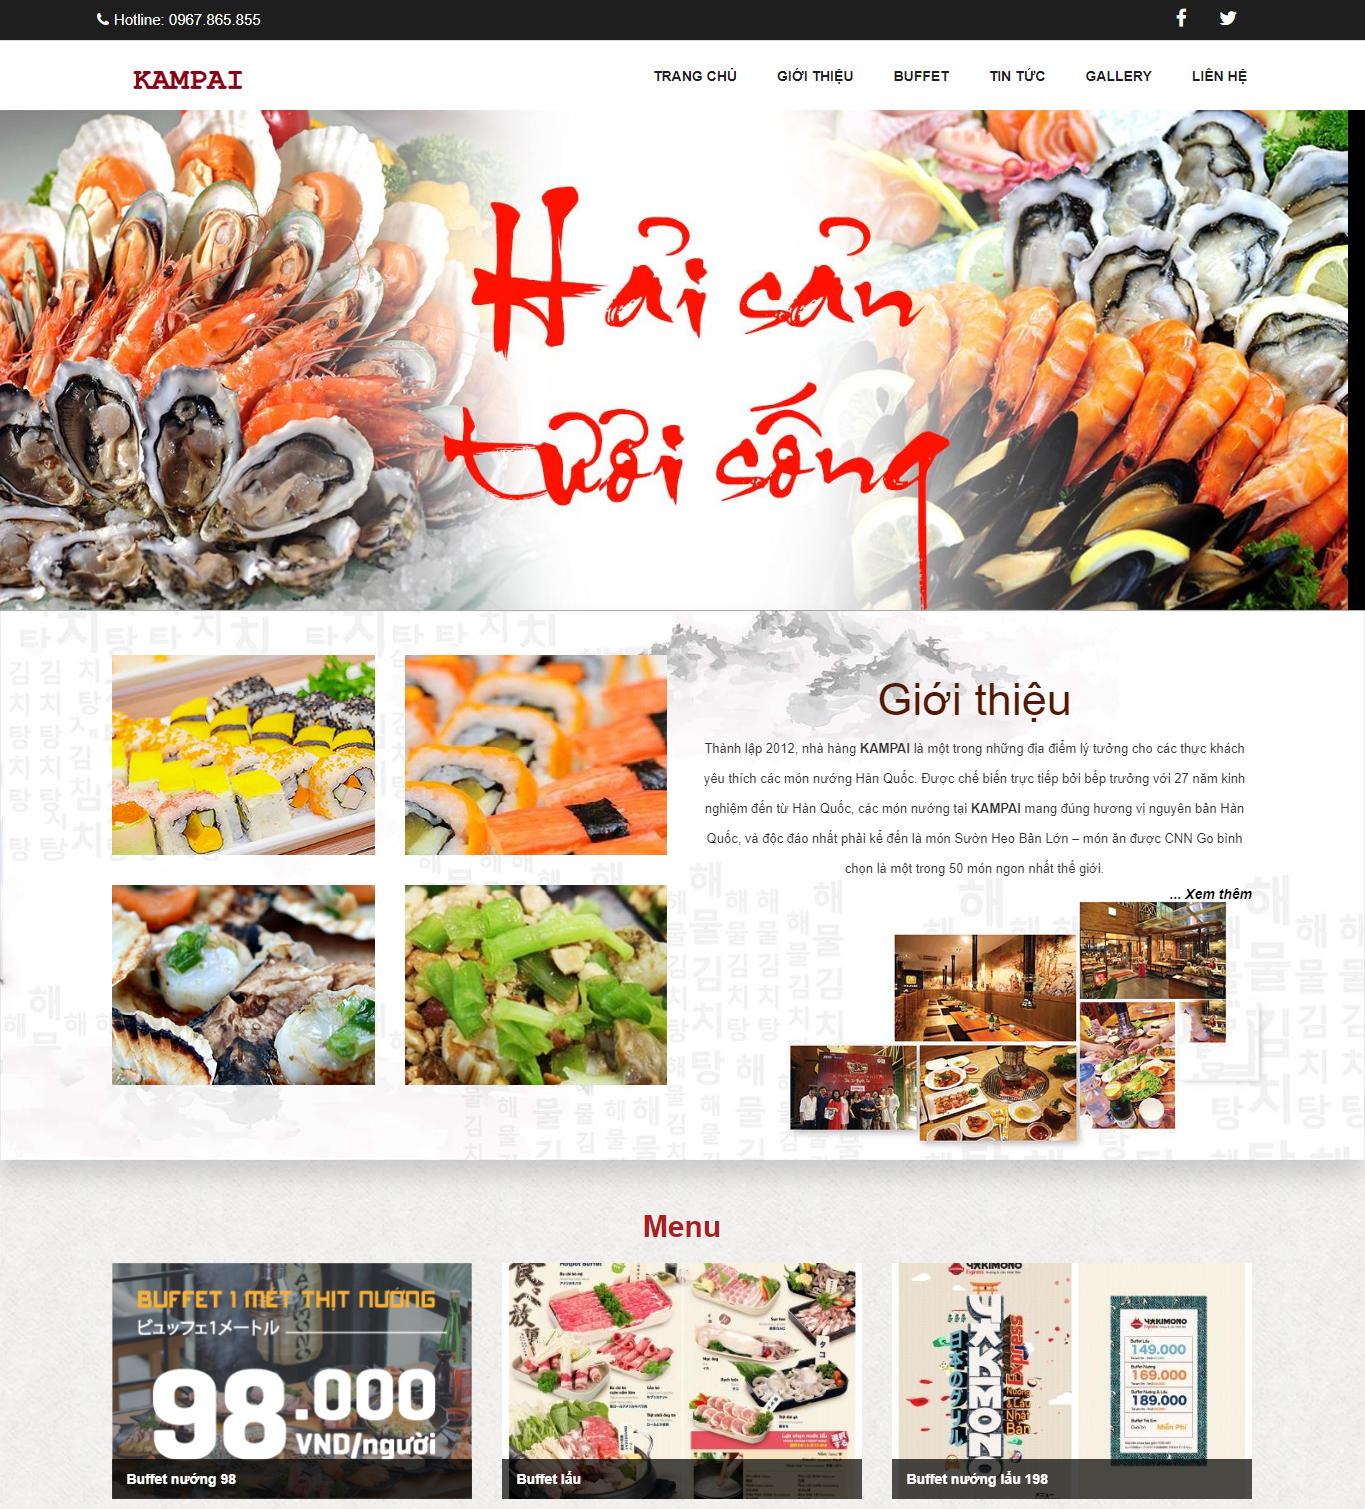 KAMPAI chuỗi nhà hàng lớn nhất Việt Nam